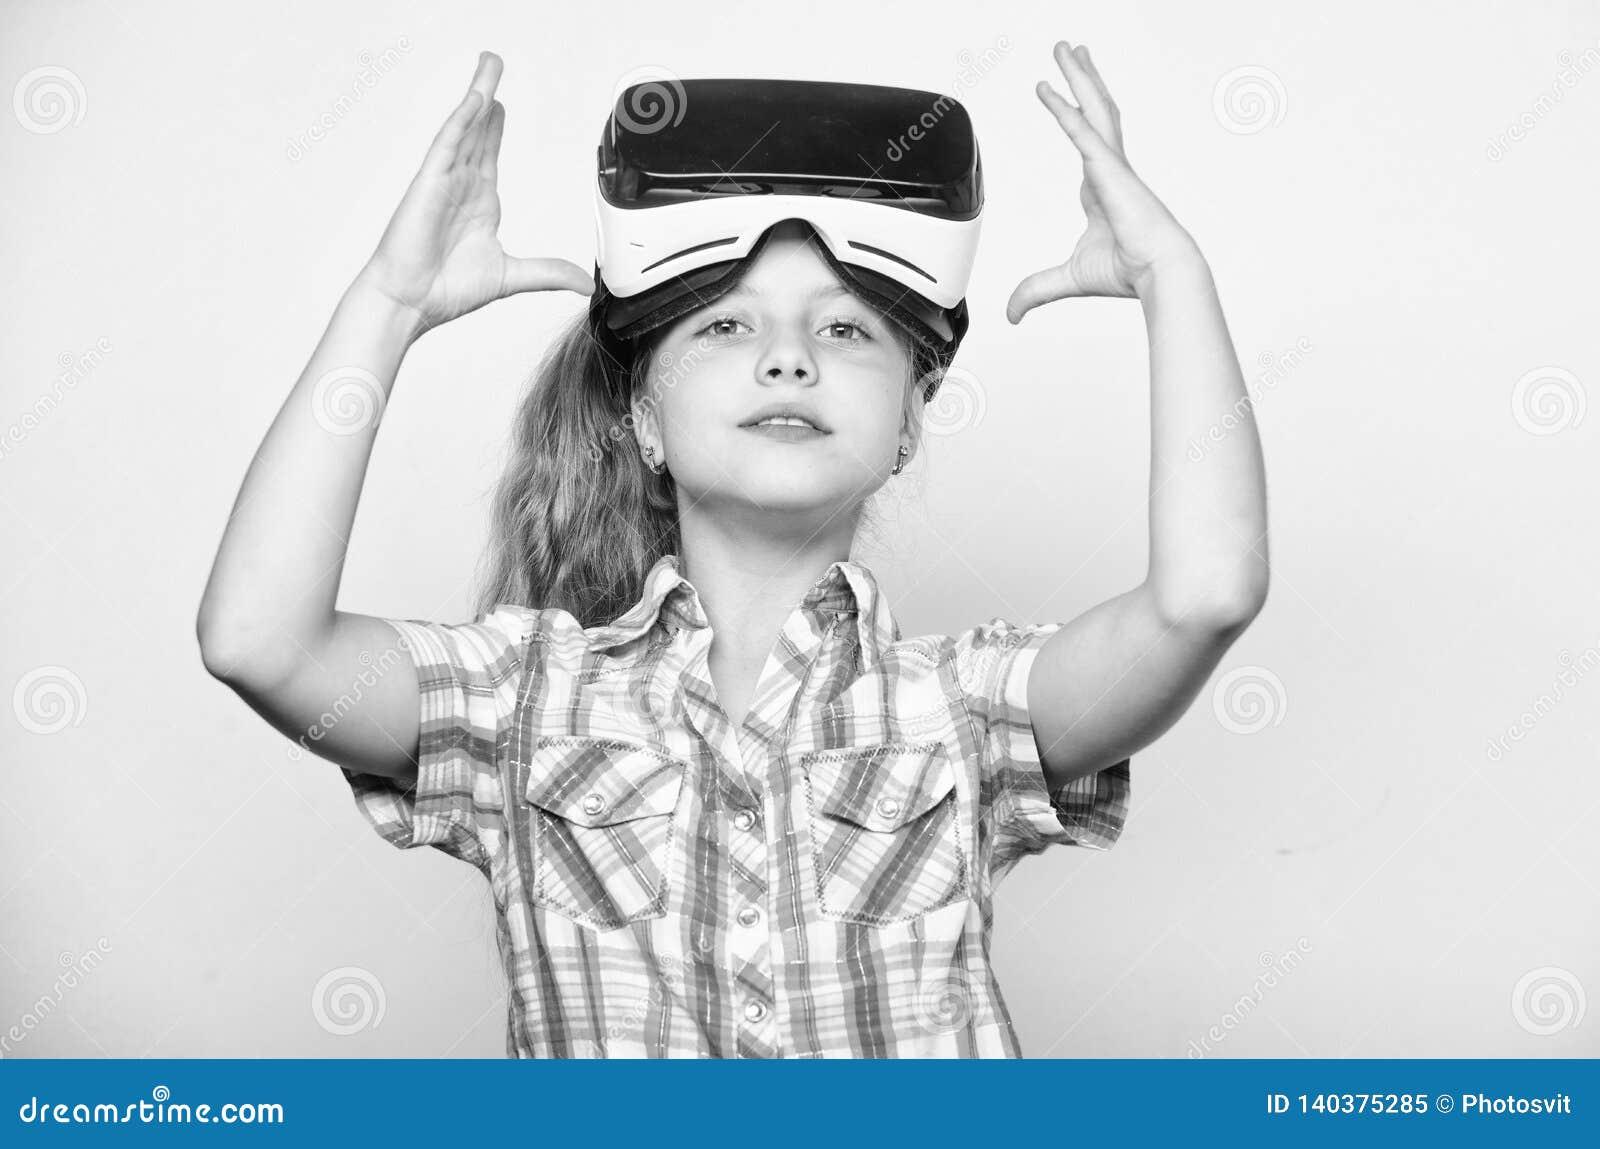 Λίγη έννοια gamer Εικονικά παιχνίδια παιδικού παιχνιδιού με τη σύγχρονη συσκευή Ερευνήστε την εικονική ευκαιρία Νεώτερα παιδιά ει